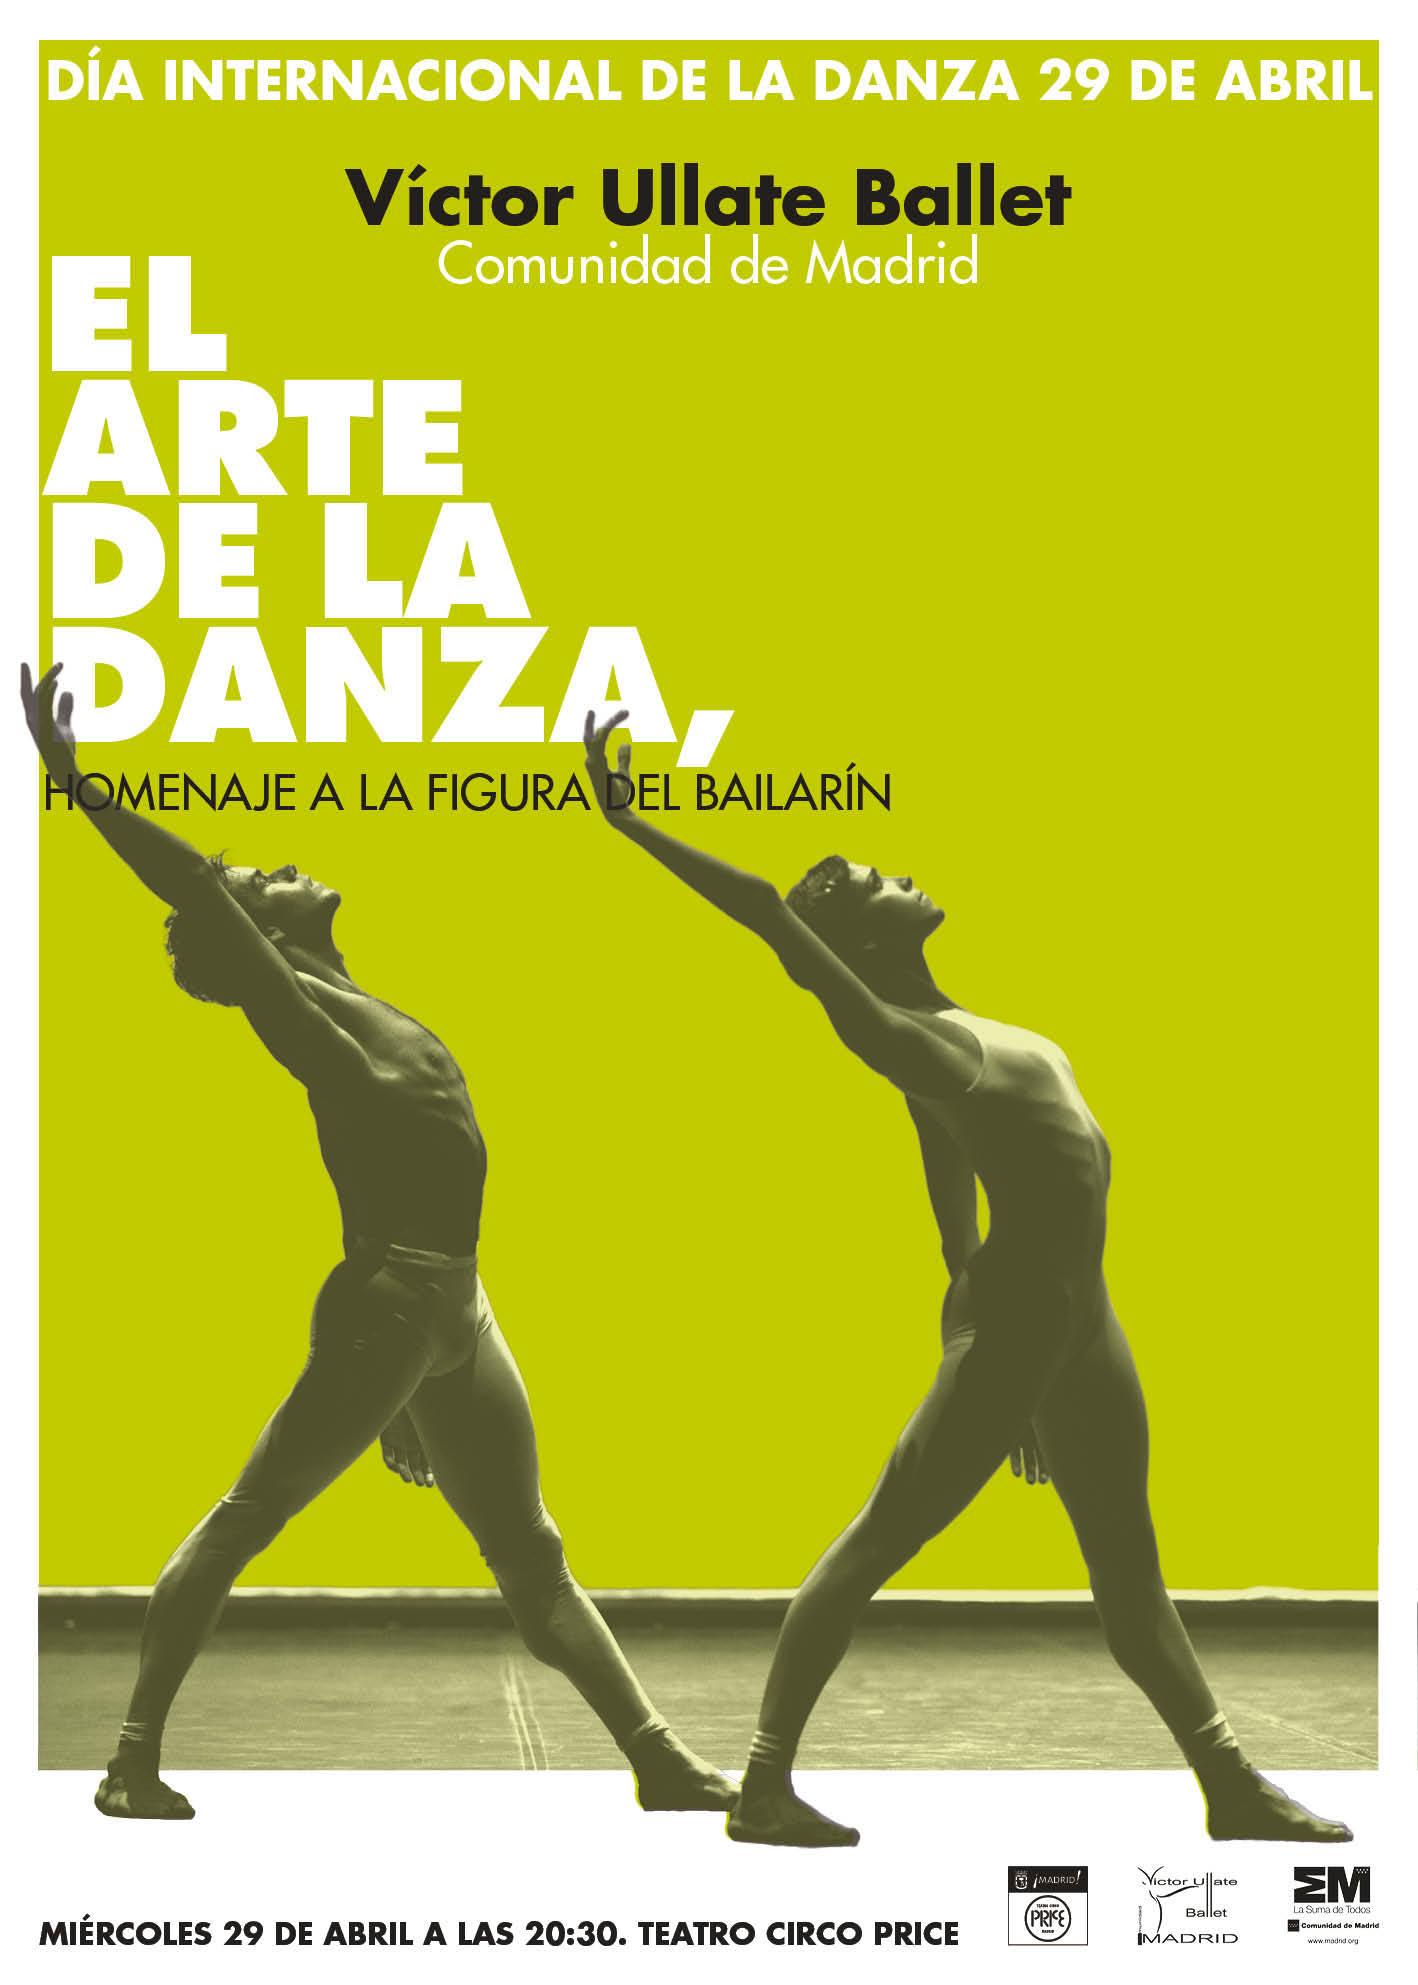 Homenaje al Día Internacional de la Danza por la compañía Víctor Ullate Ballet